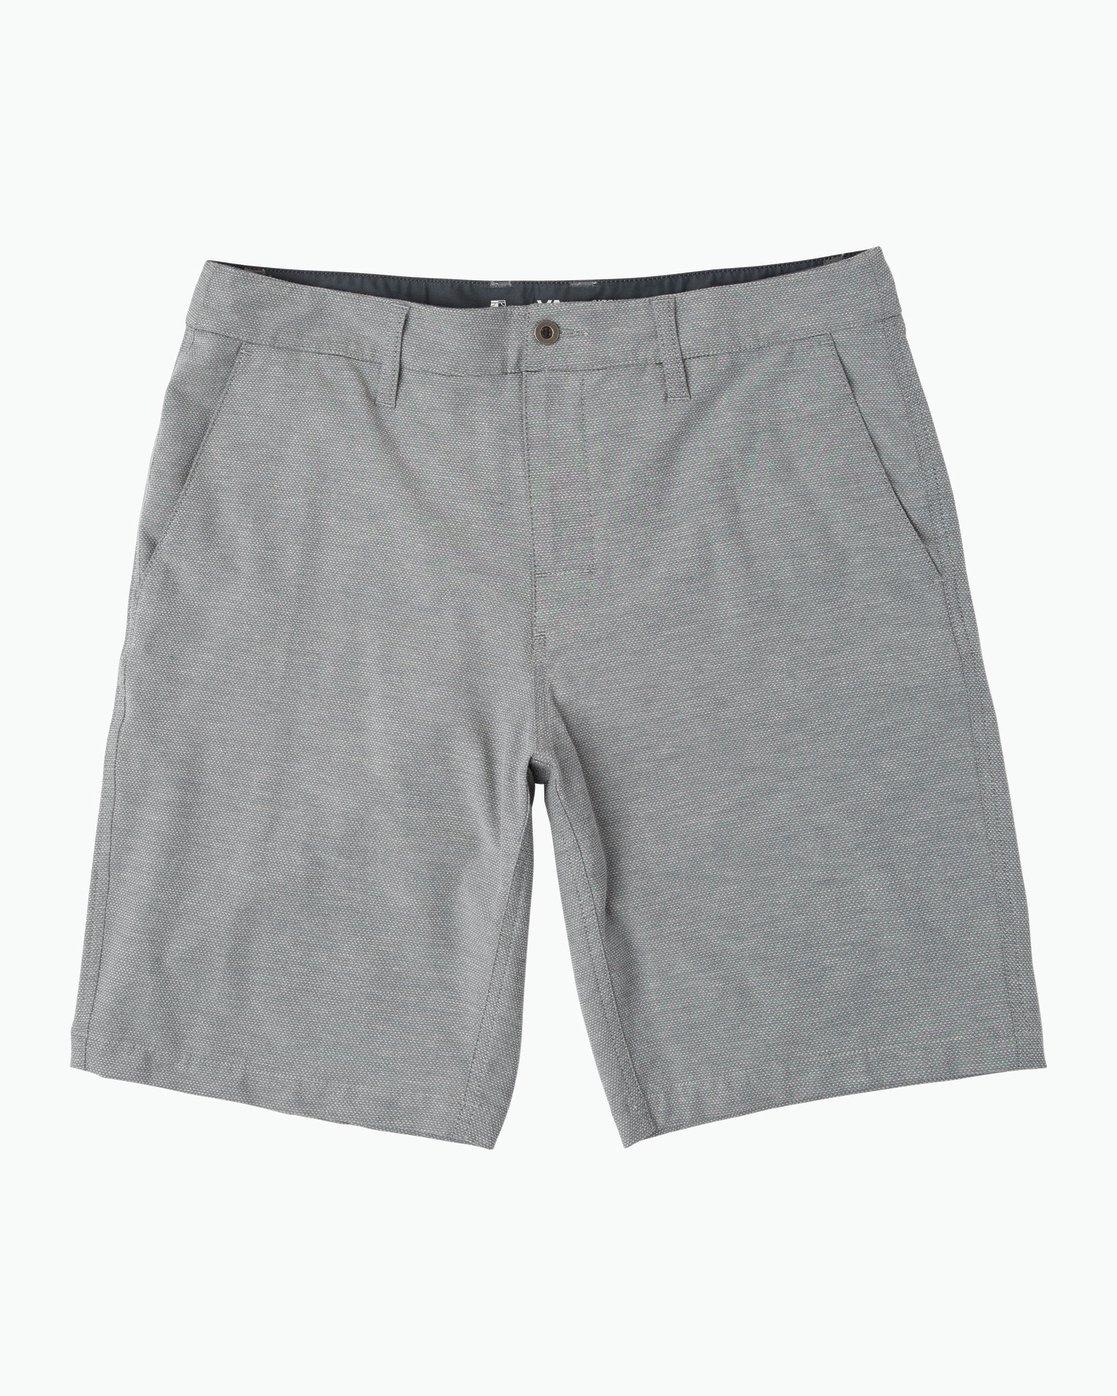 RVCA Mens Holidaze Hybrid Short